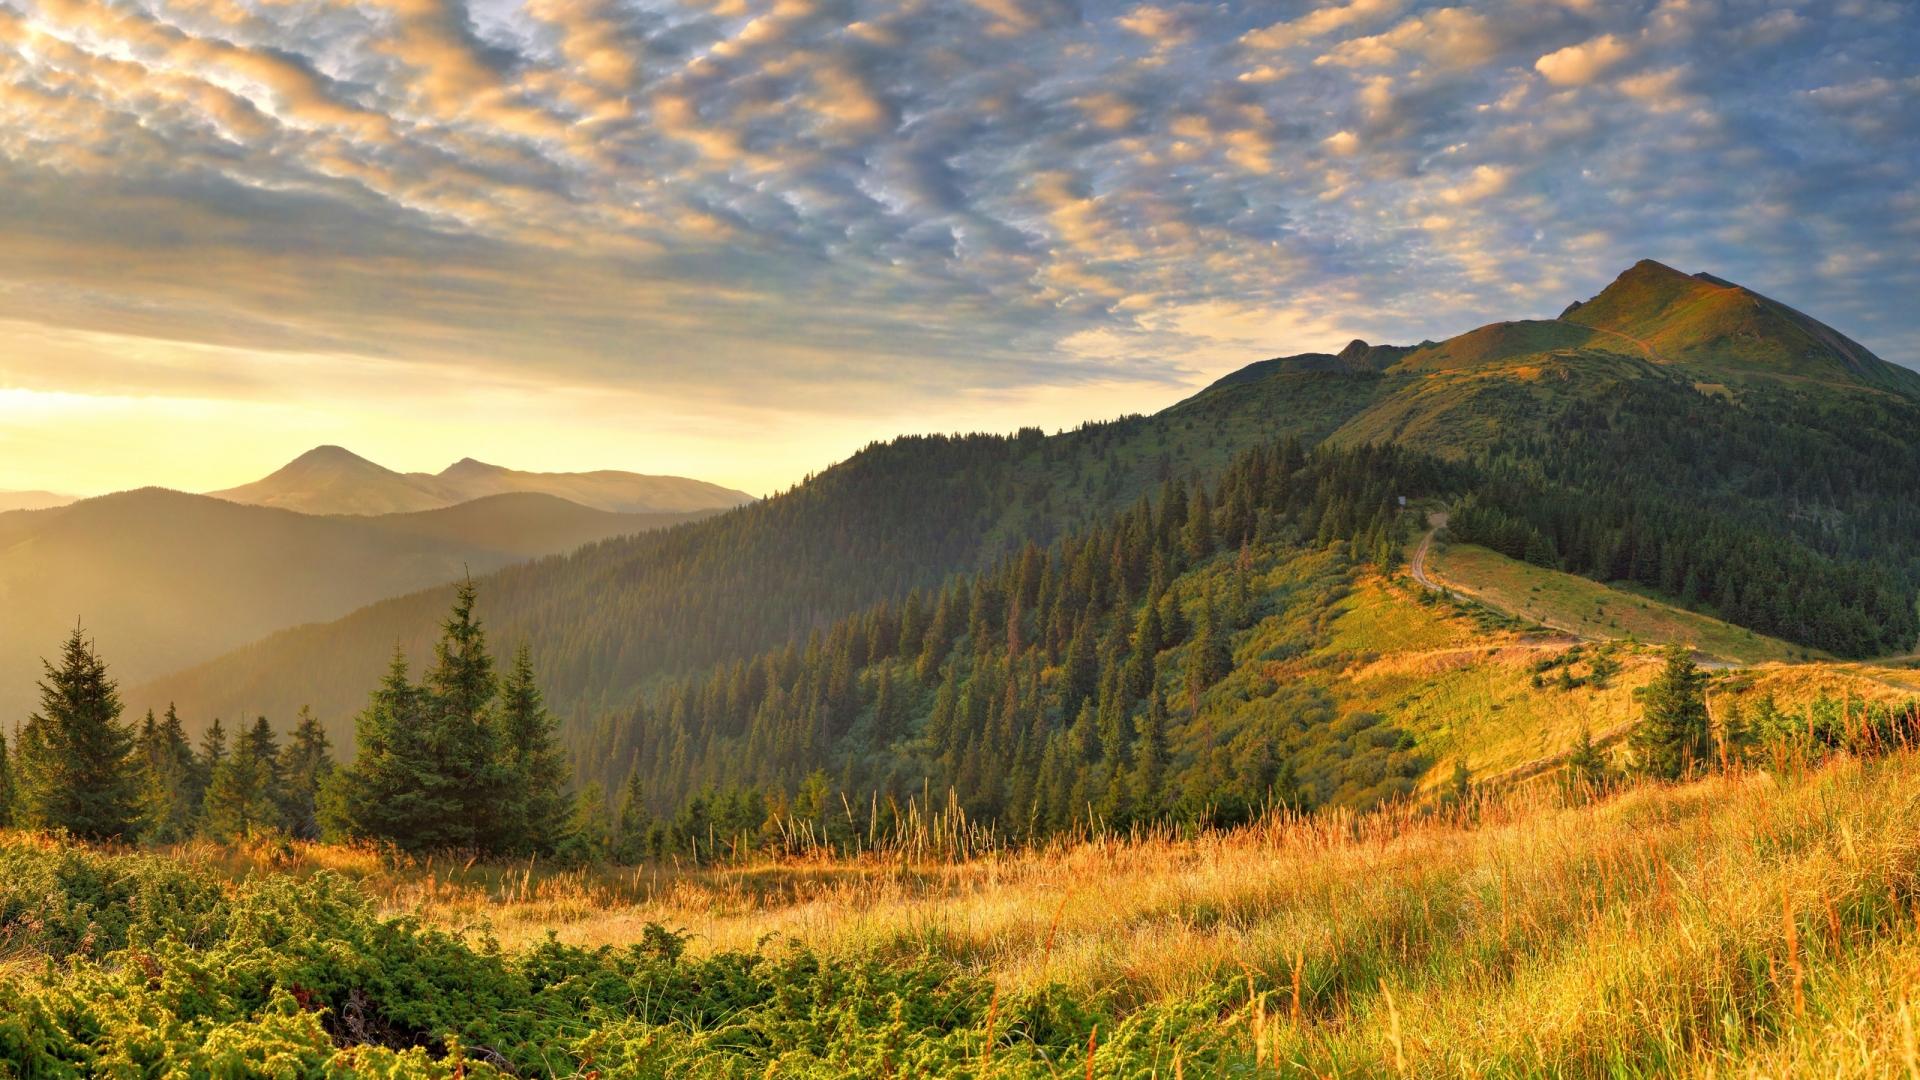 Настроения hd обои для рабочего стола. утро, облака, холмы, пейзажи, облако.